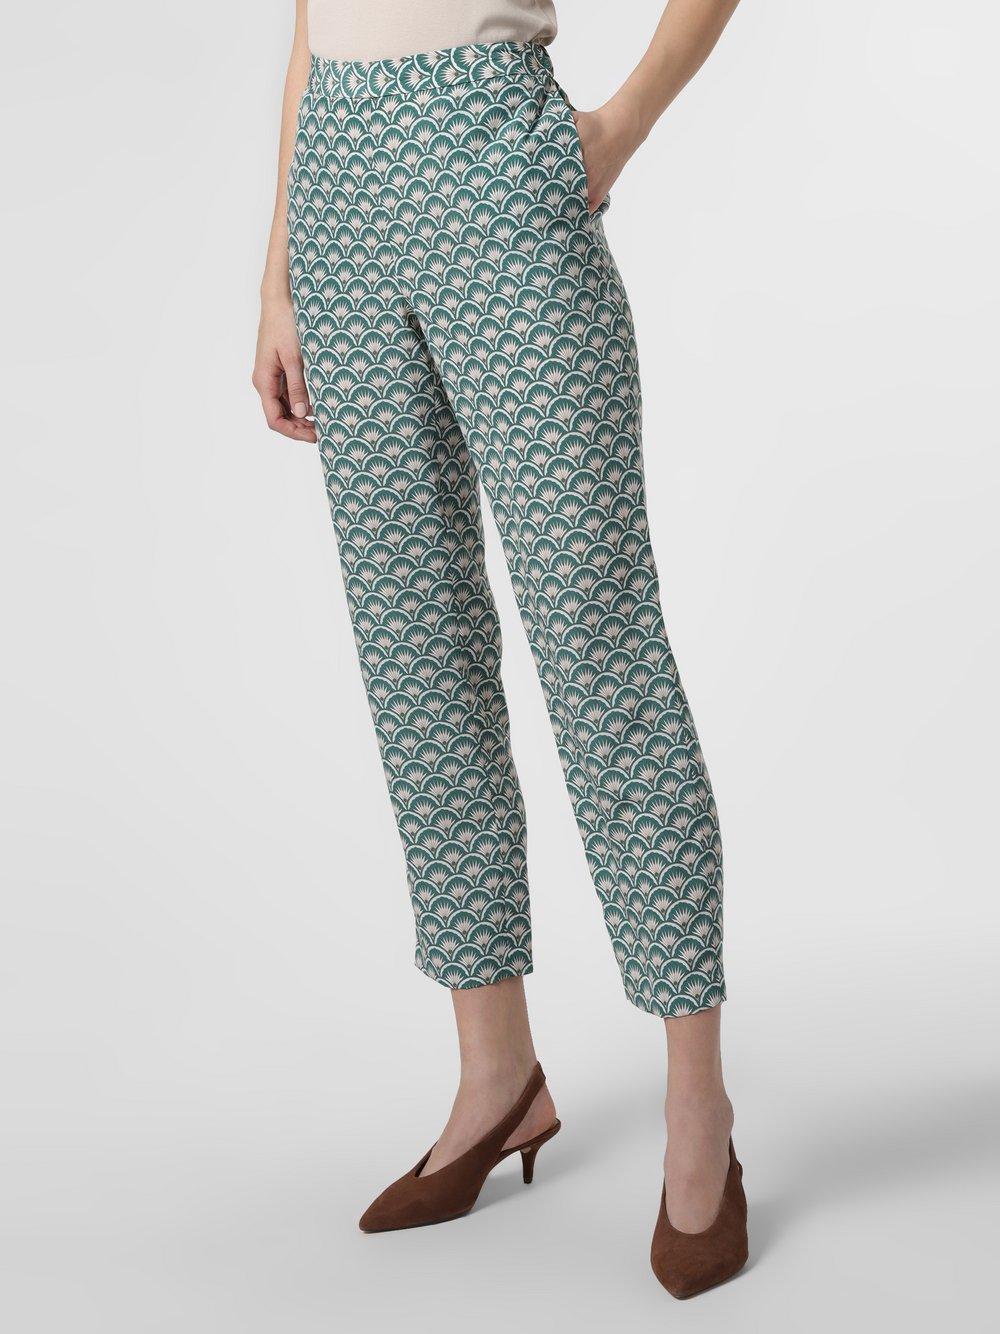 STEFFEN SCHRAUT - Spodnie damskie, zielony